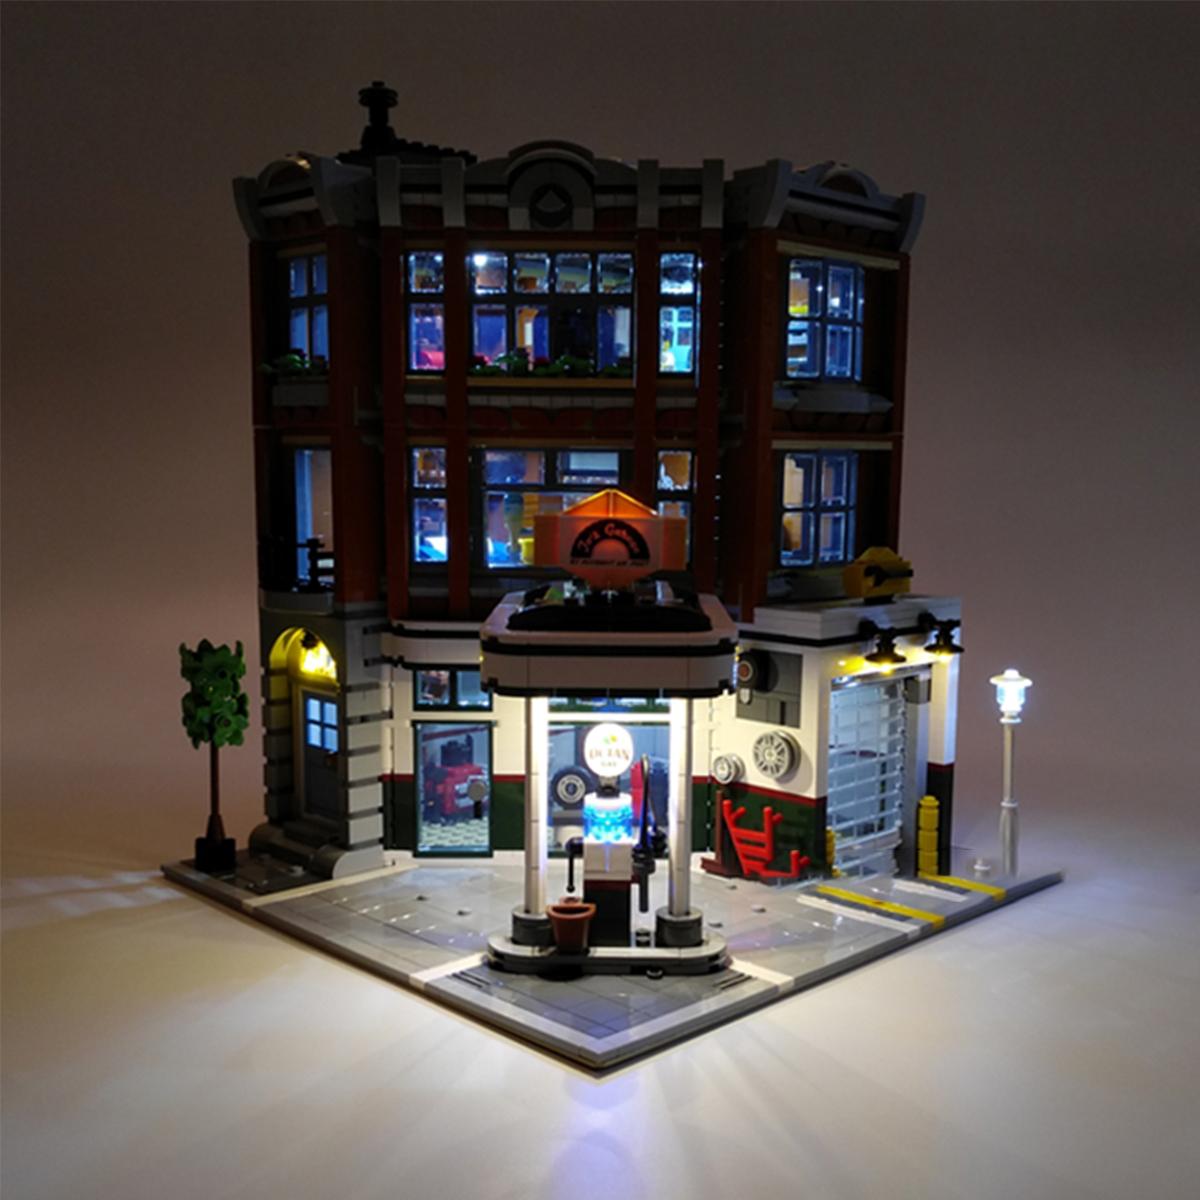 LED Light Lighting Kit ONLY For LEG_O 10264 Corner Garage Vehicle Maintenance Station Blocks Toy